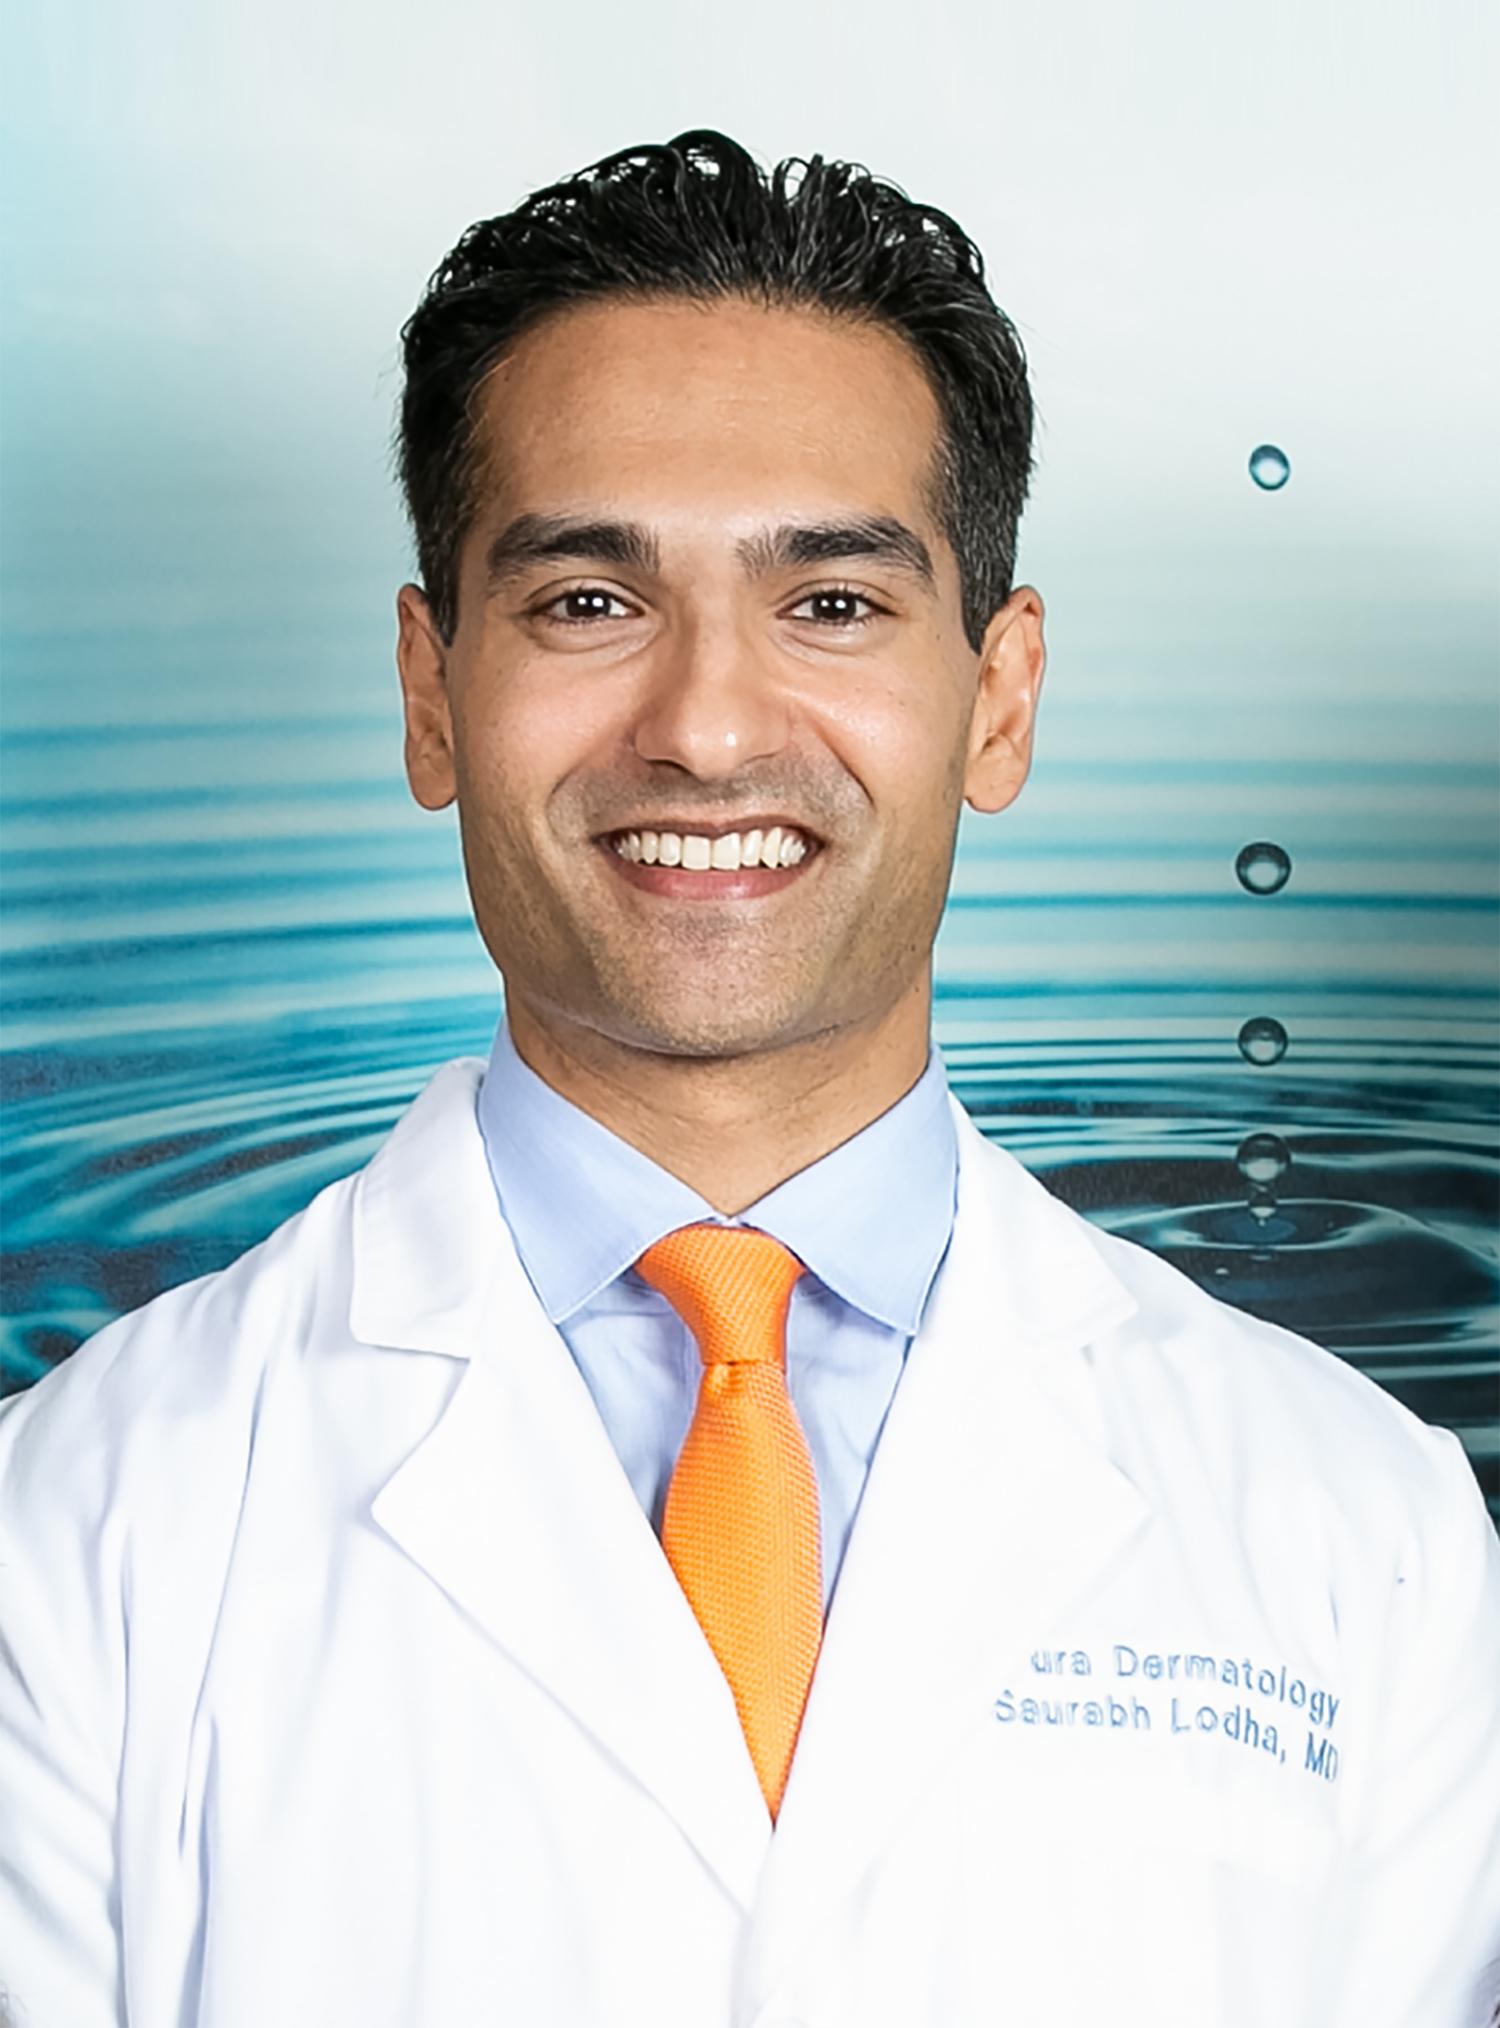 Pura Dermatology: Dermatologist NYC - NYC Dermatologist